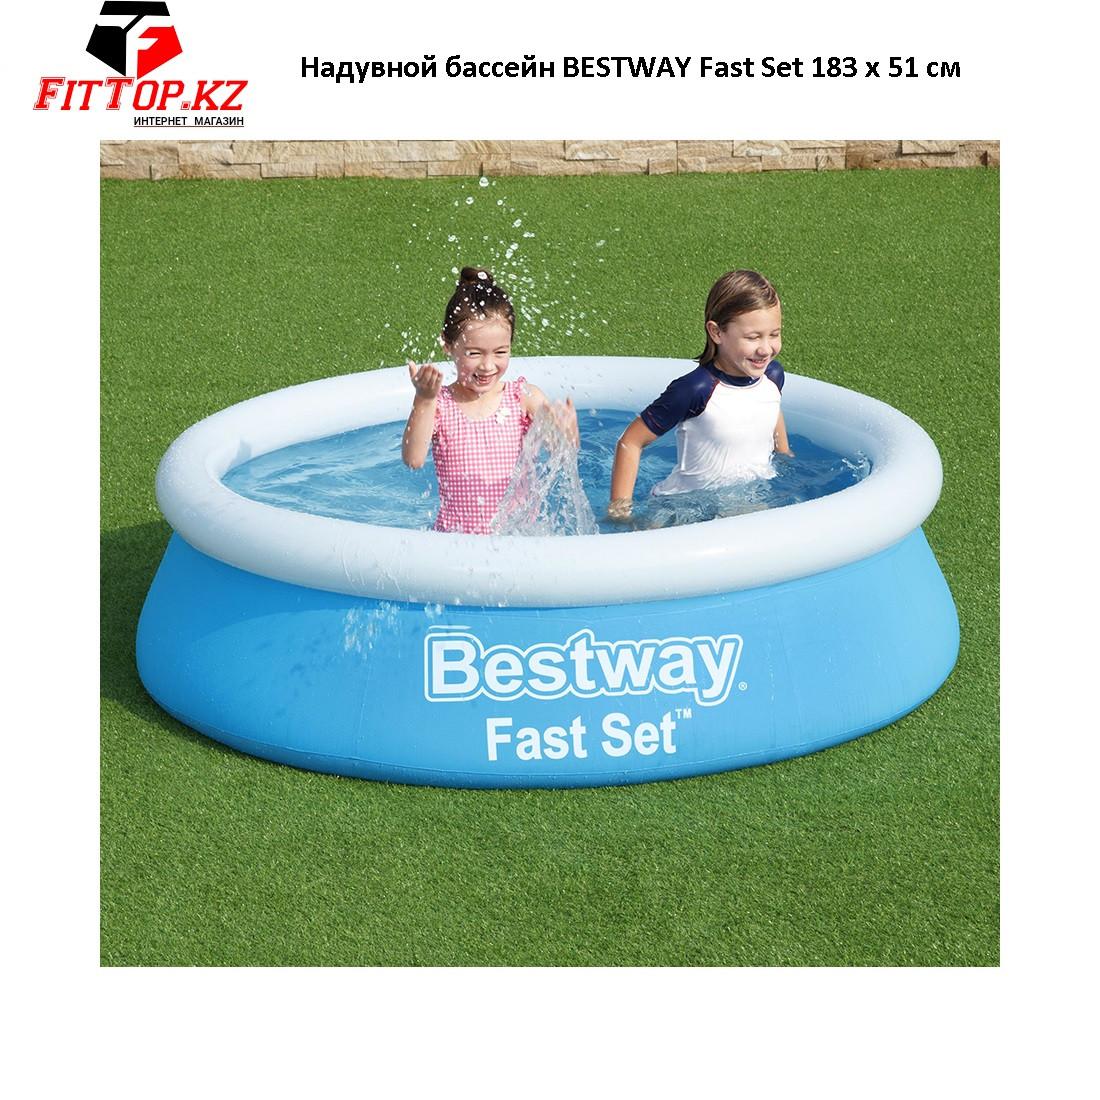 Семейный надувной бассейн Fast Set 183 х 51 см, BESTWAY, 57392